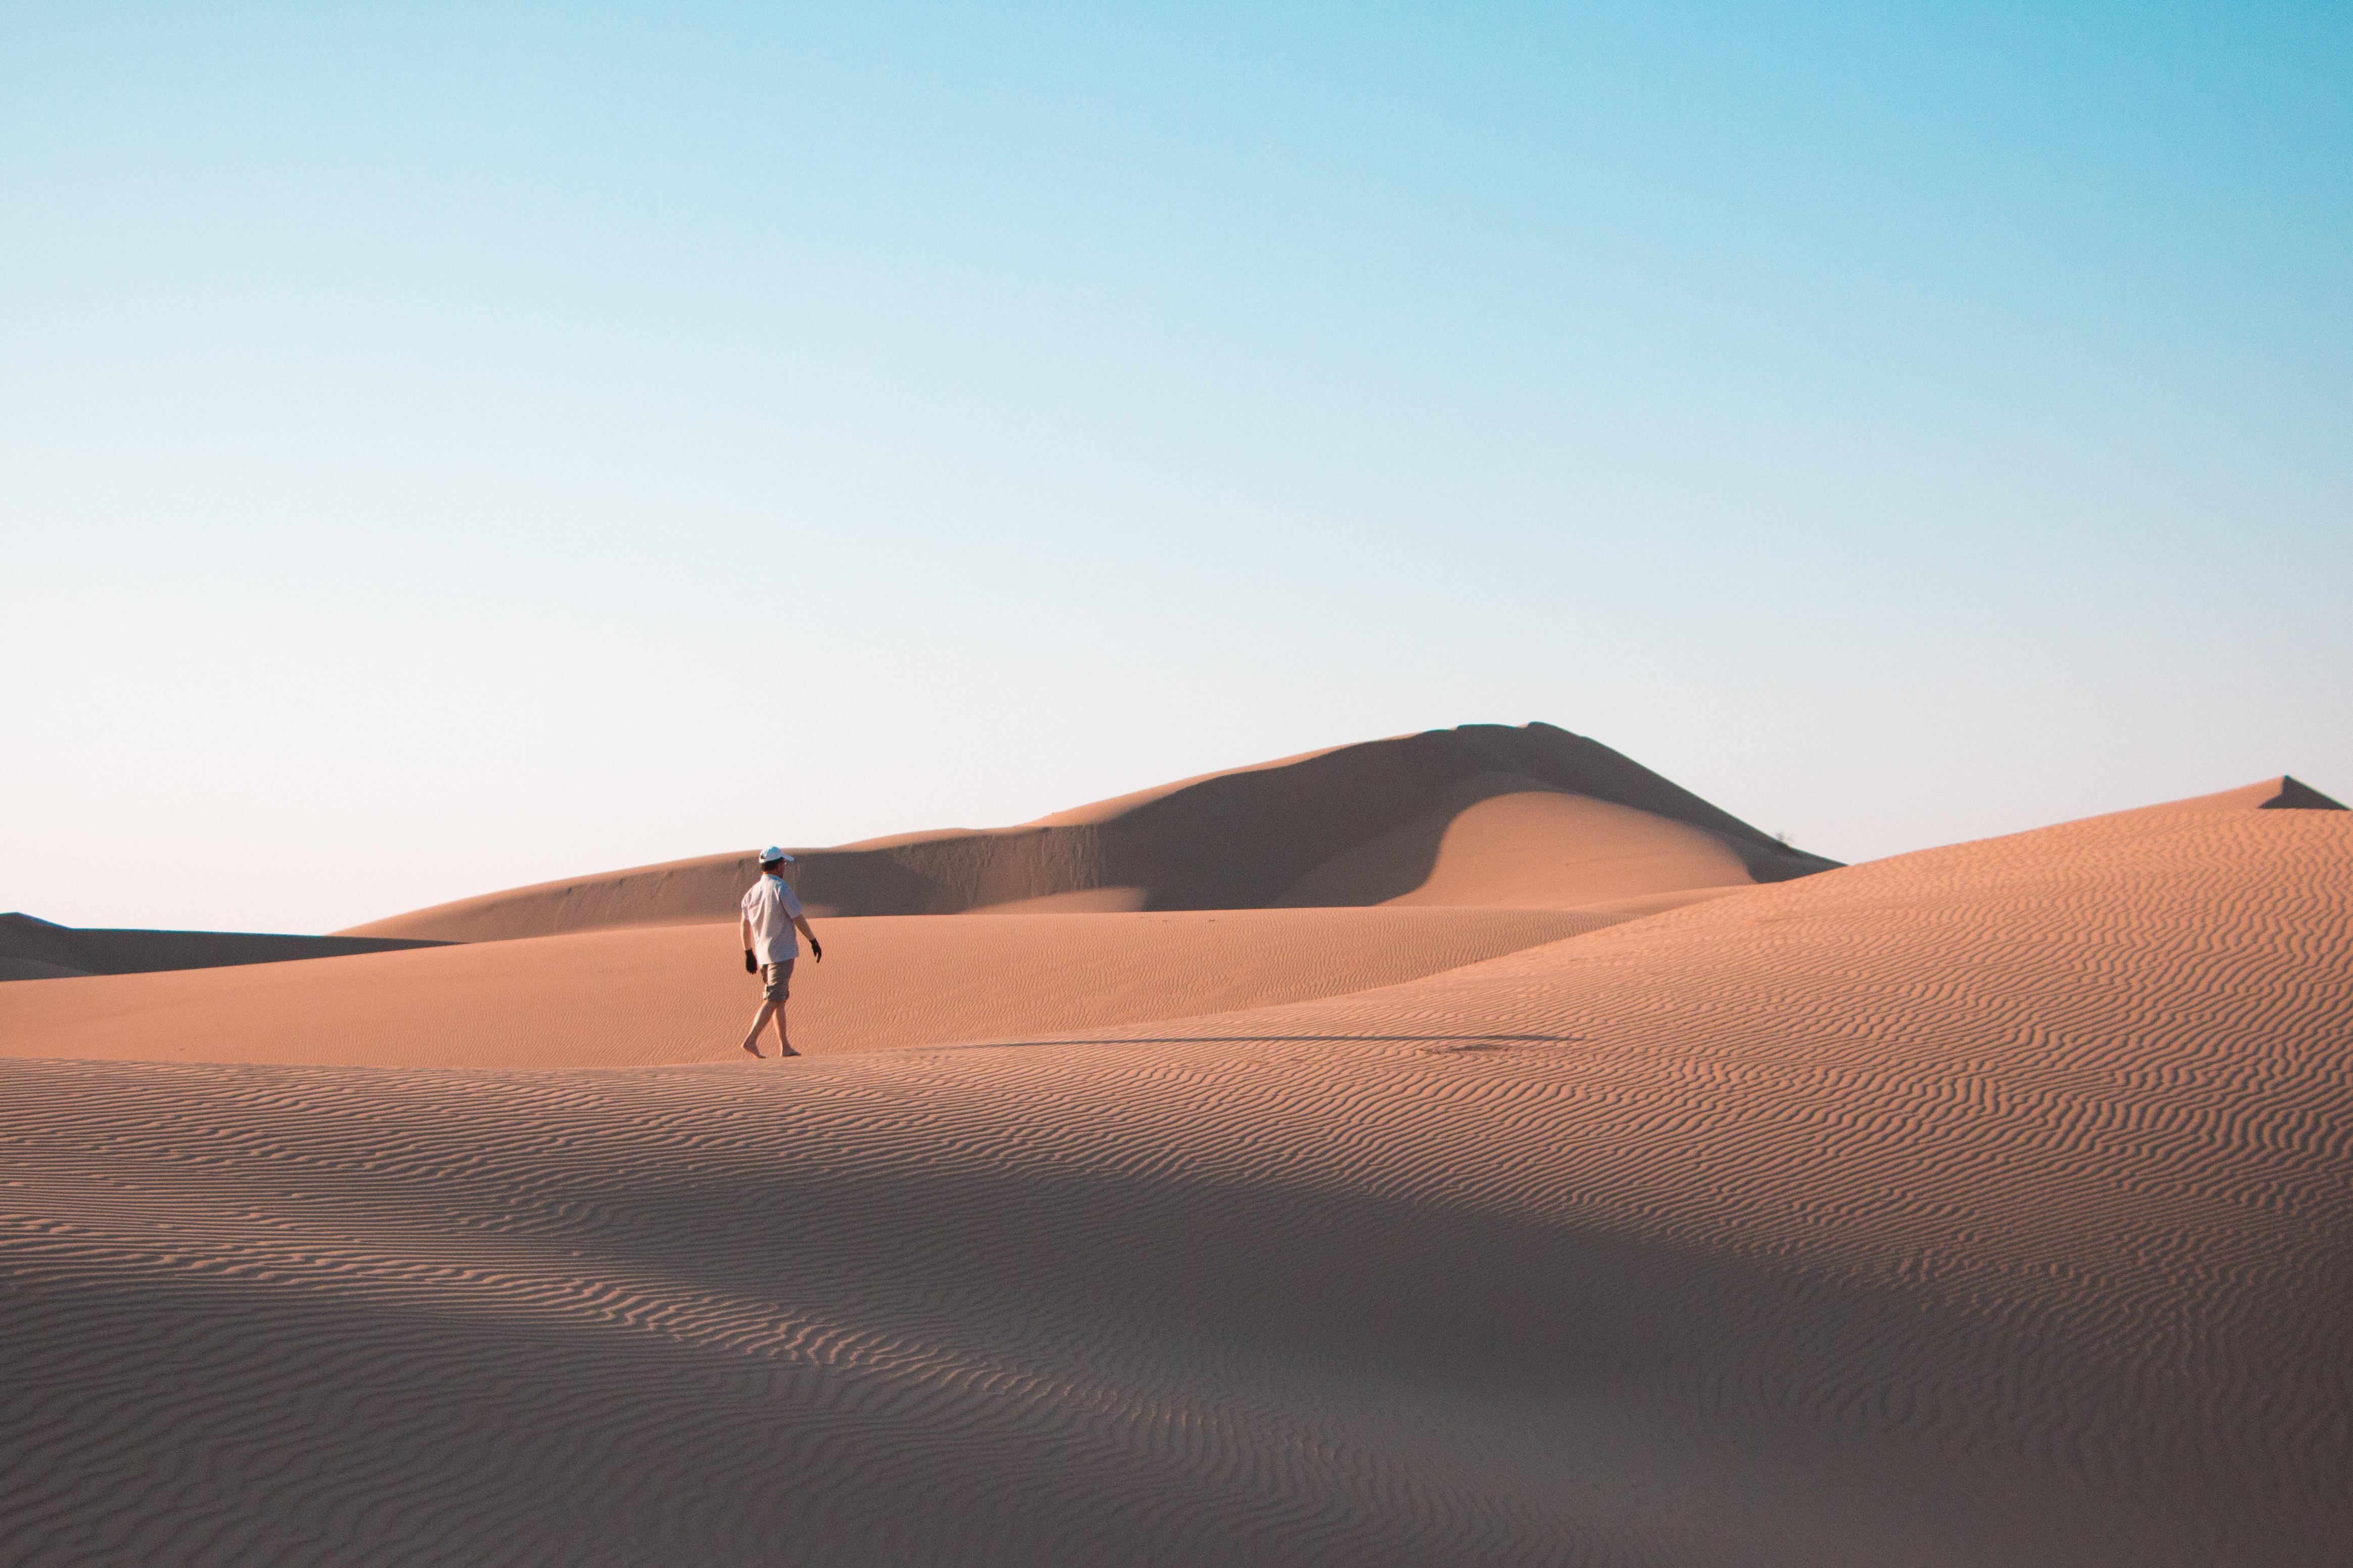 man walking on desert under blue sky during daytime